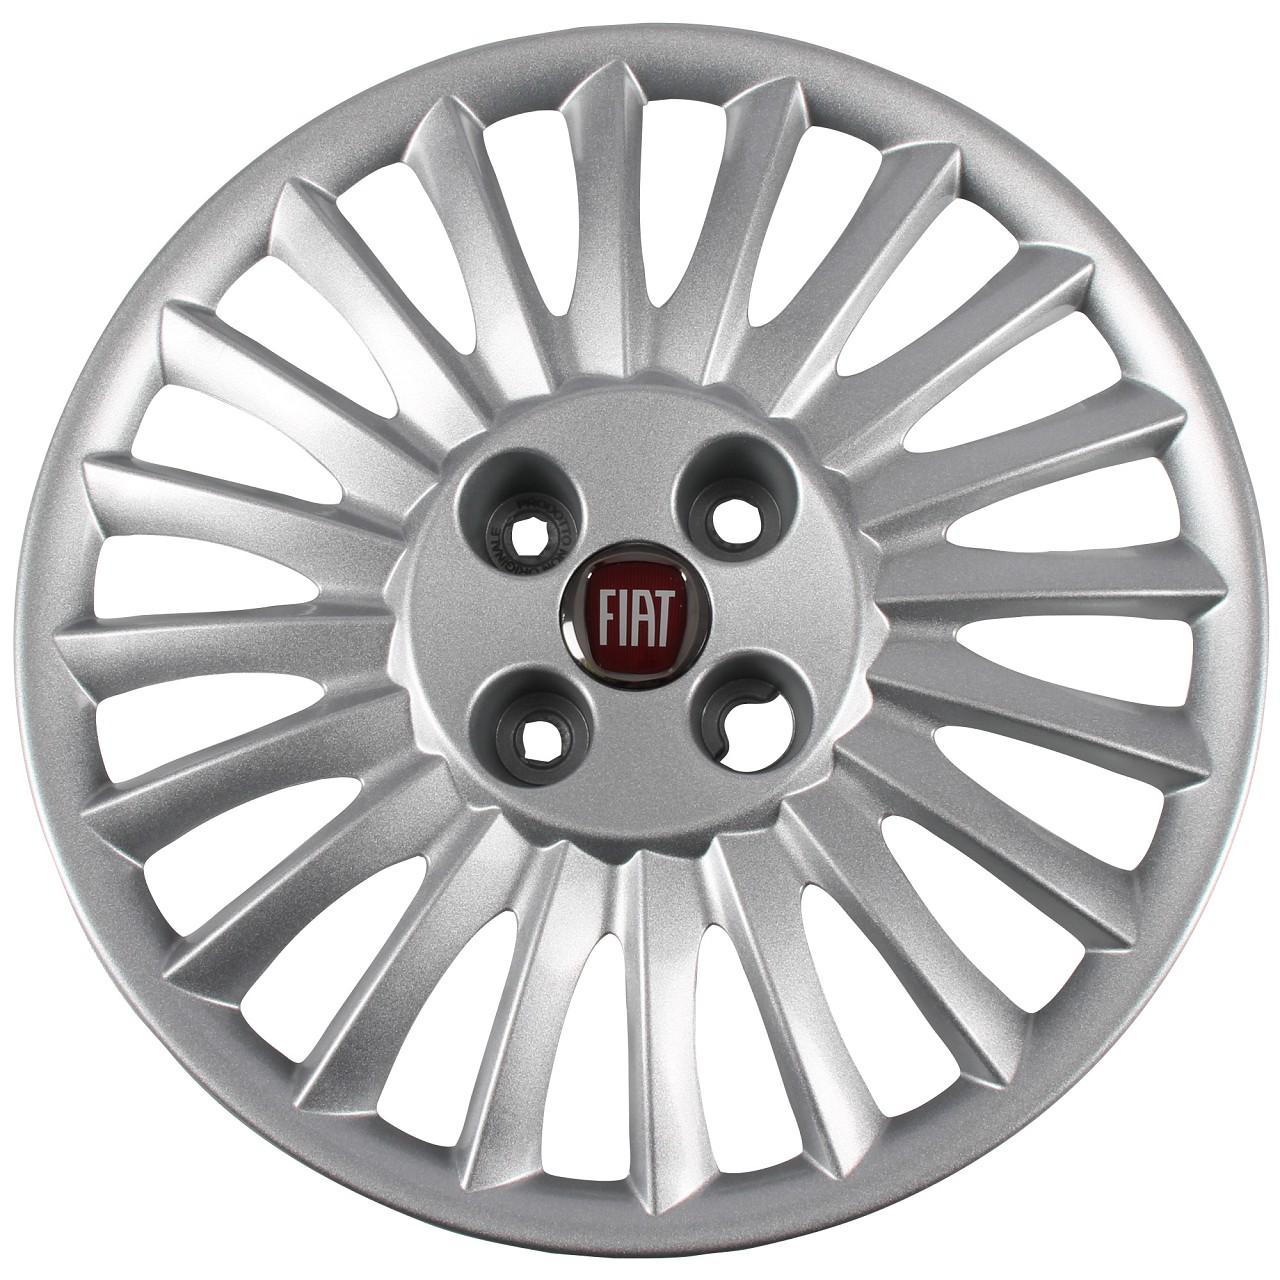 Fiat Radkappe Radblende SILBER 15 Zoll GRANDE PUNTO (199_) 735466748